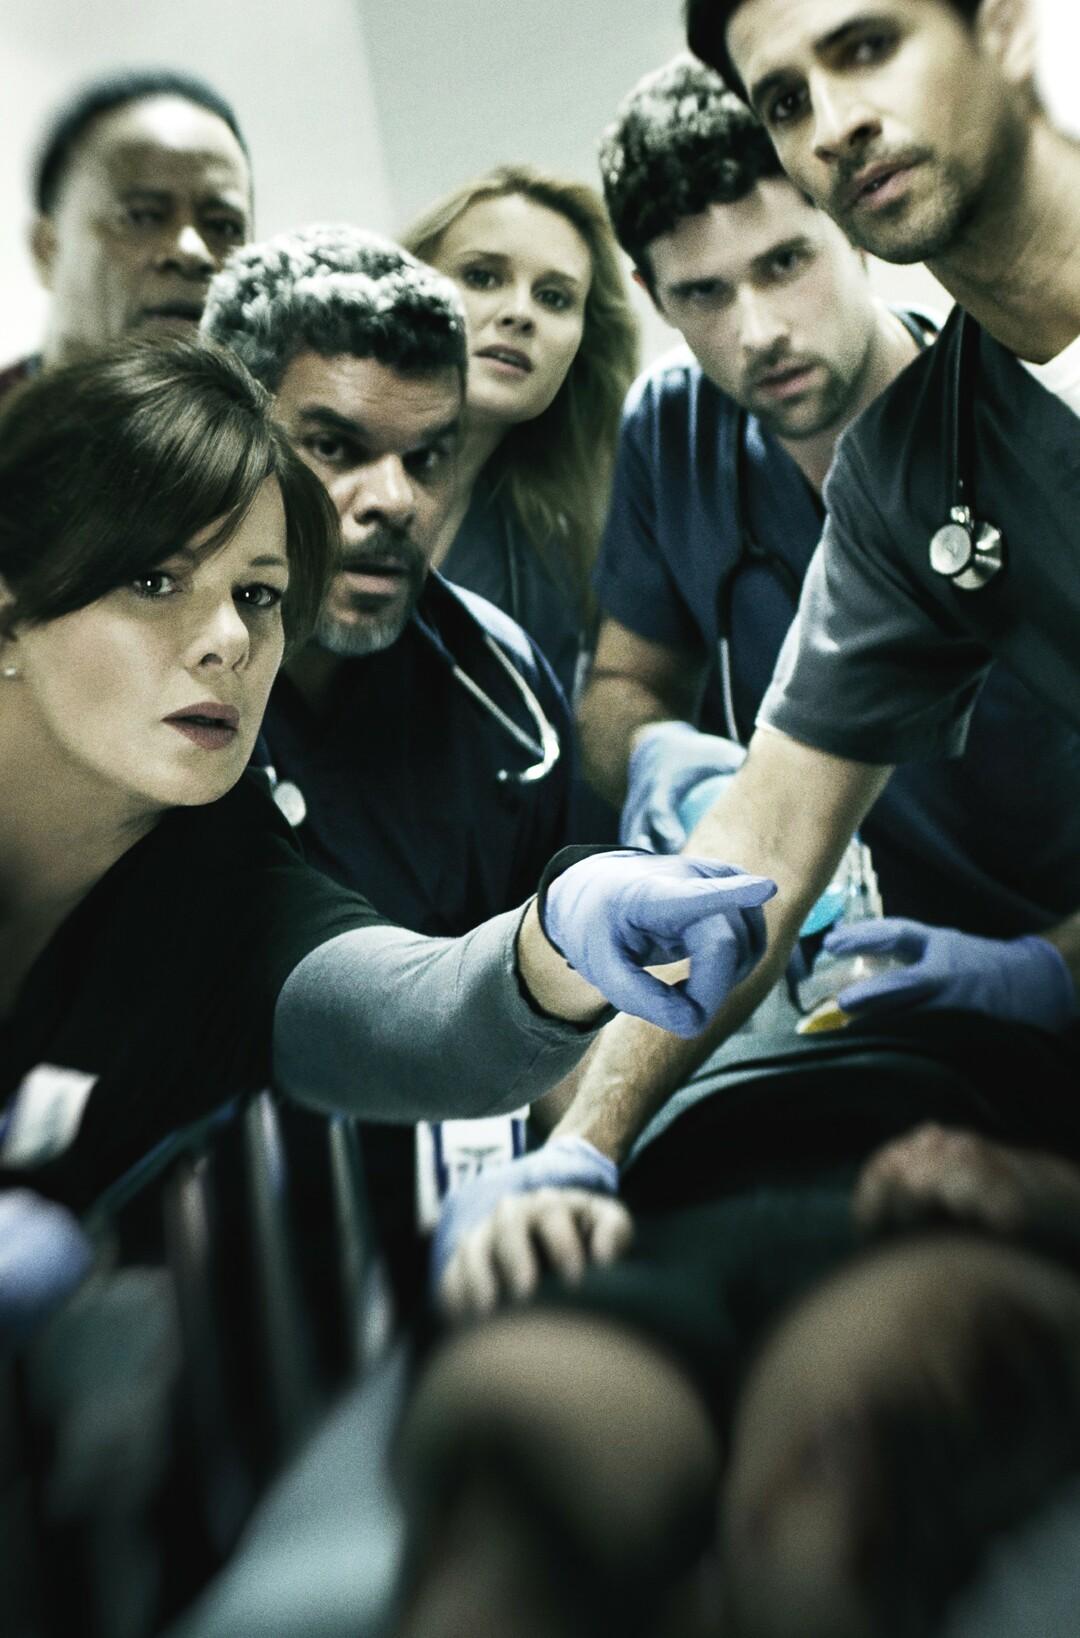 Code Black: Staffel 1-3 bei TVNOW - Bild 1 von 24